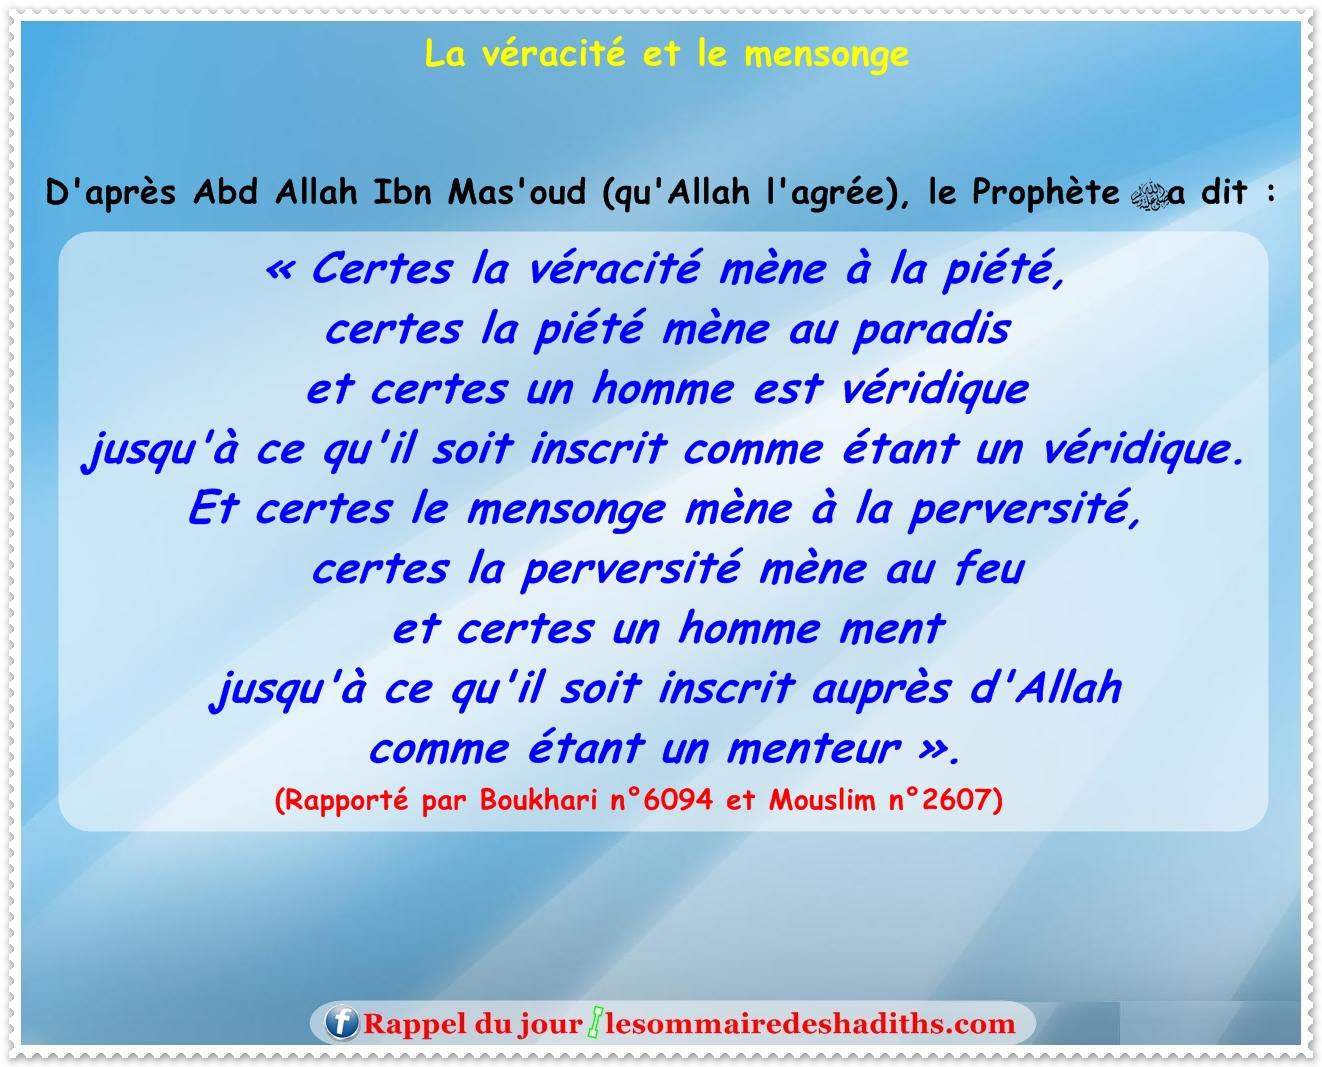 La véracité et le mensonge (Abd Allah Ibn Mas'ud) -2